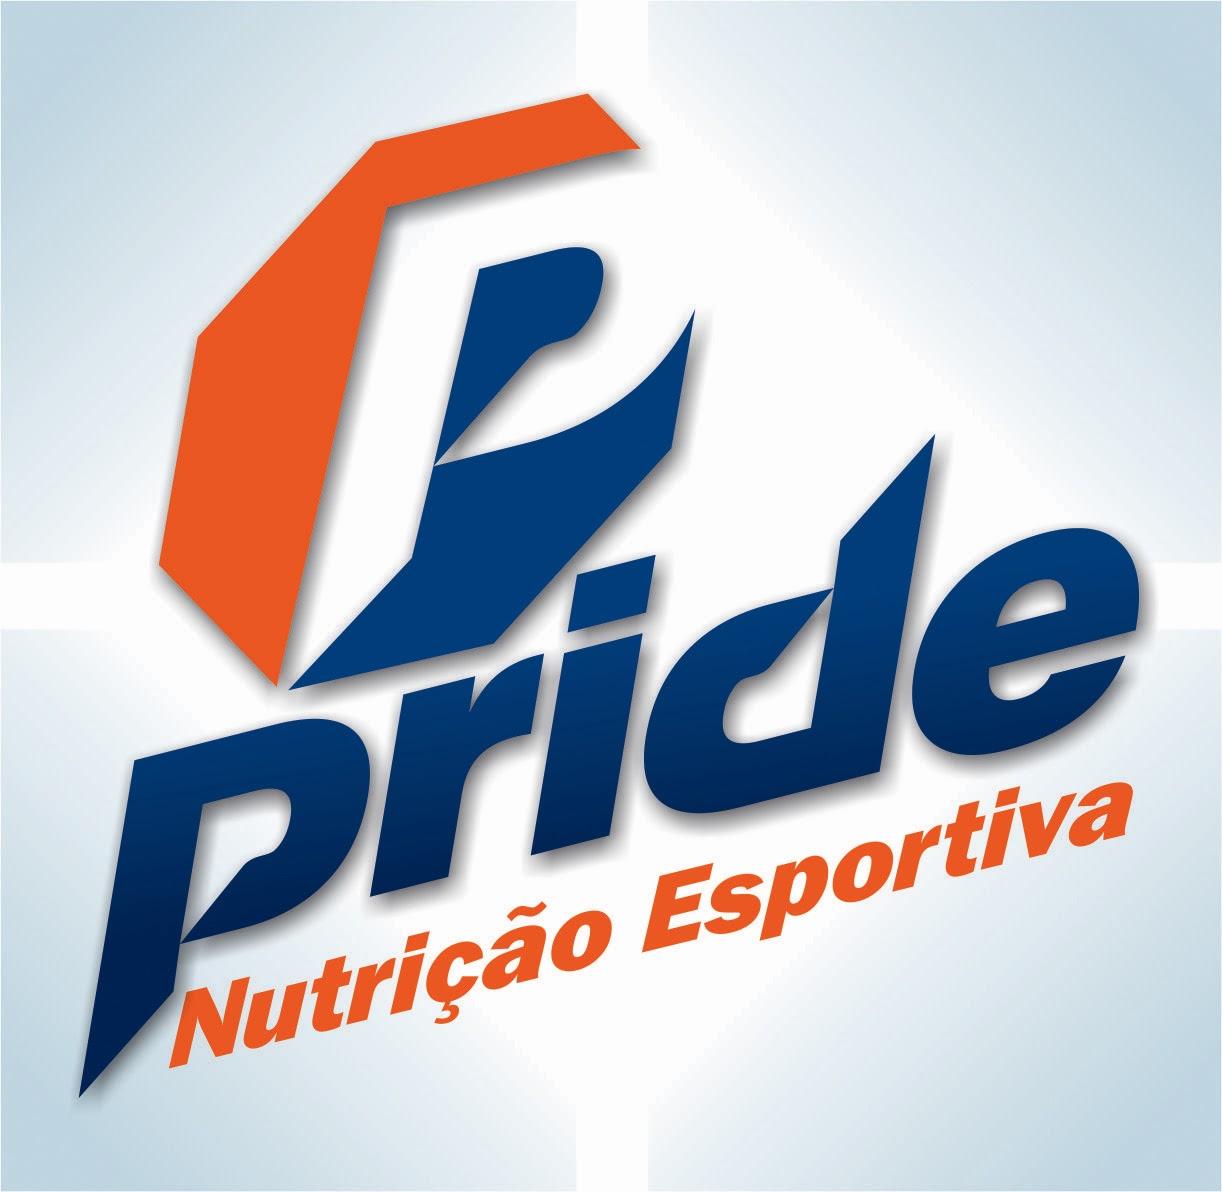 Pride Suplementos Nutricionais (47) 9240 3912 em Joinville SC.